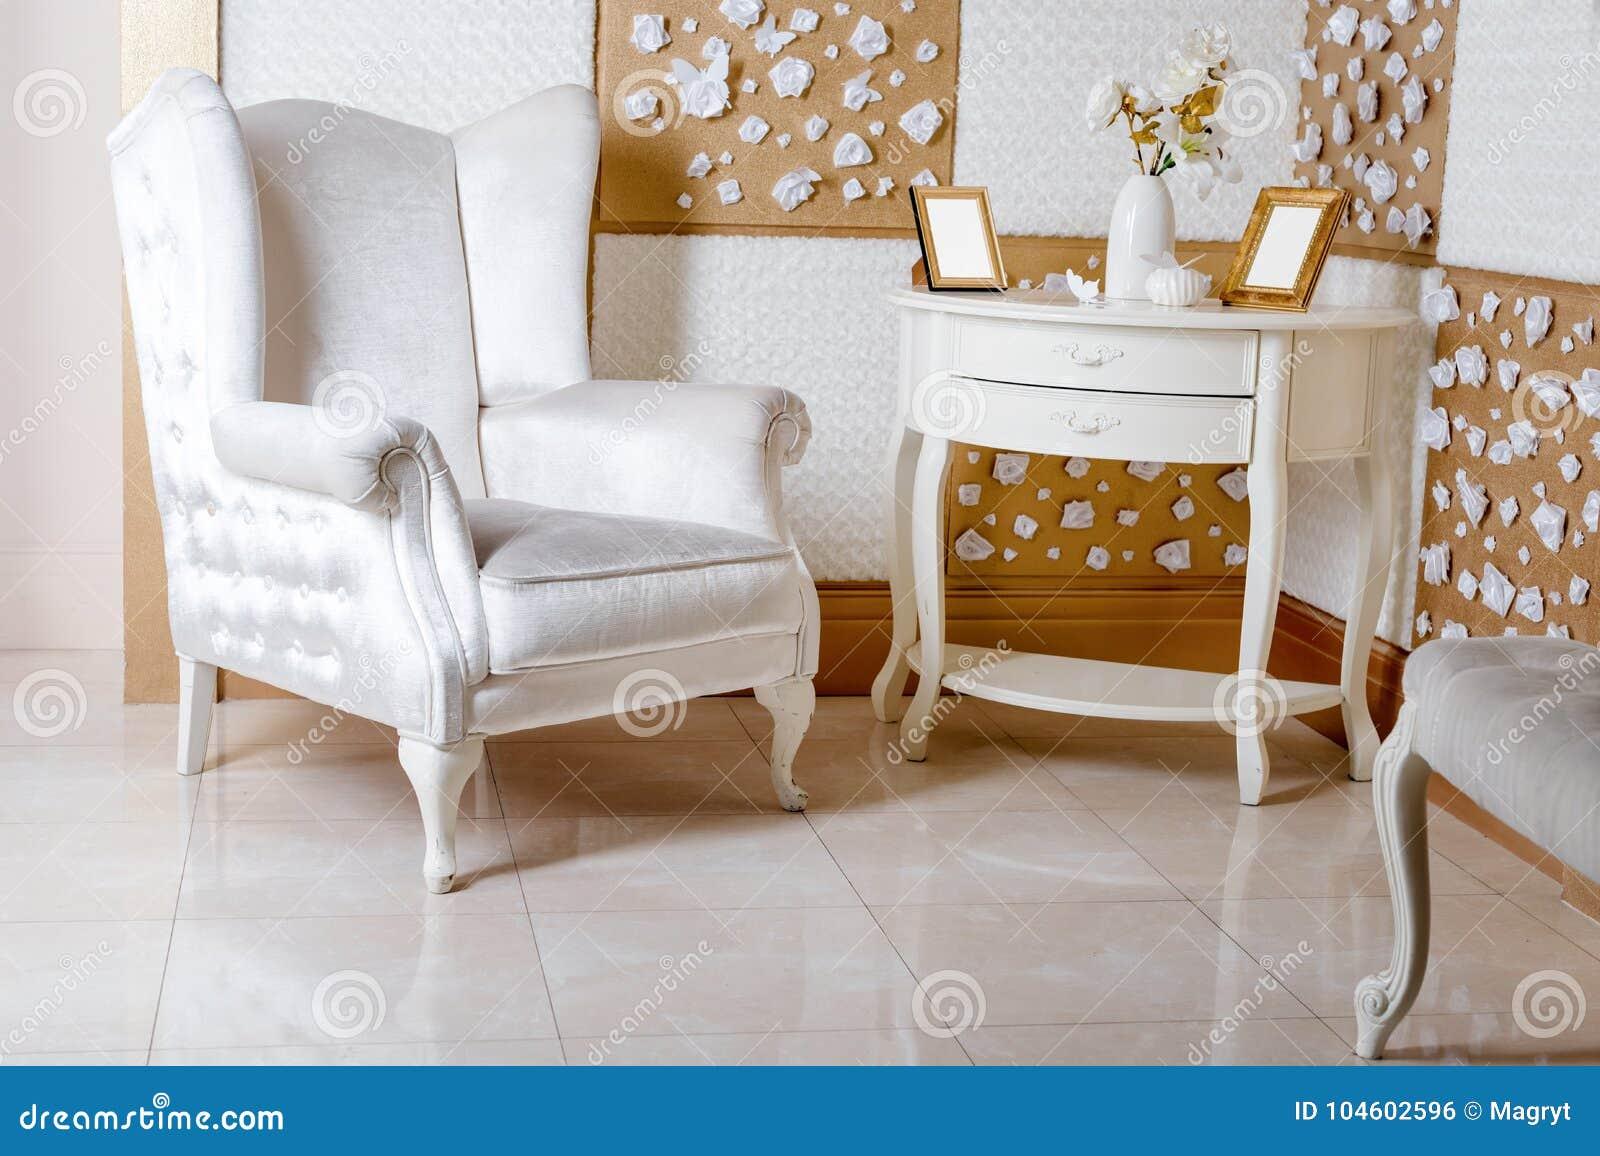 η παλαιά πολυθρόνα χάρασε την εσωτερική πολυτέλεια Πολυτελής άσπρη πολυθρόνα, χαρασμένα αντίκα έπιπλα, κλασική εσωτερική λεπτομέρ